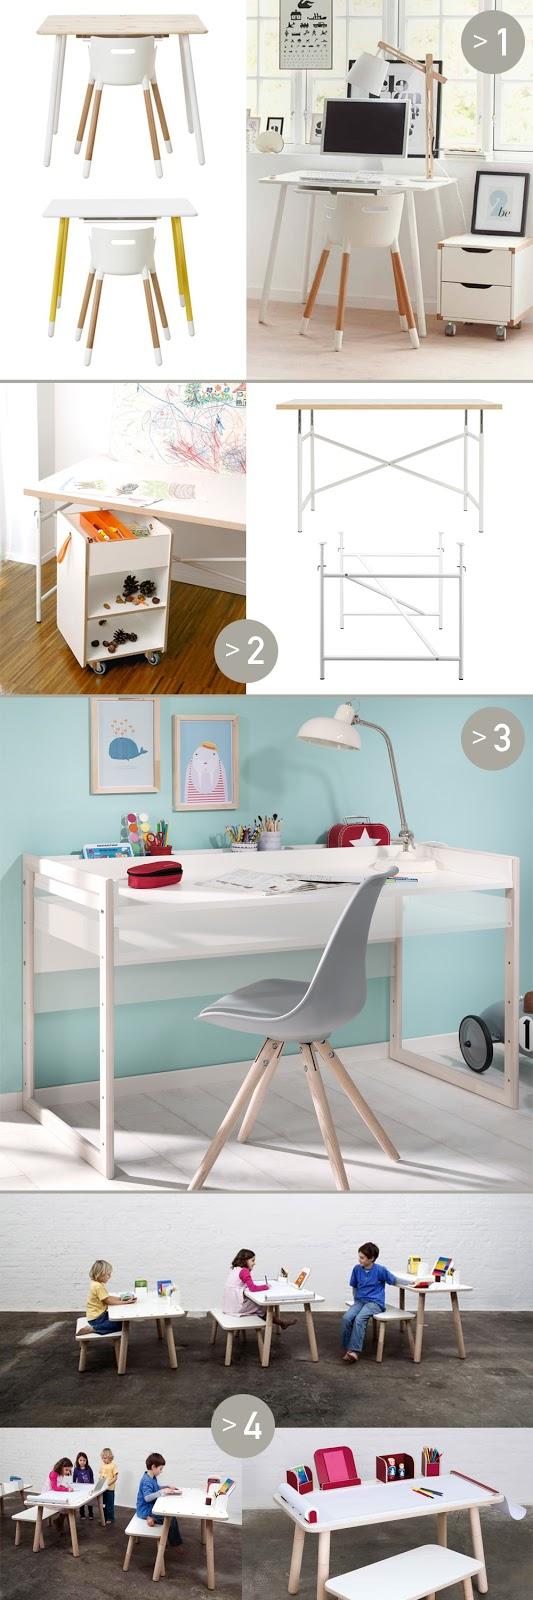 Schreibtisch Für Schulanfänger raumdinge gesucht schöner kinderschreibtisch für kleinen schulanfänger